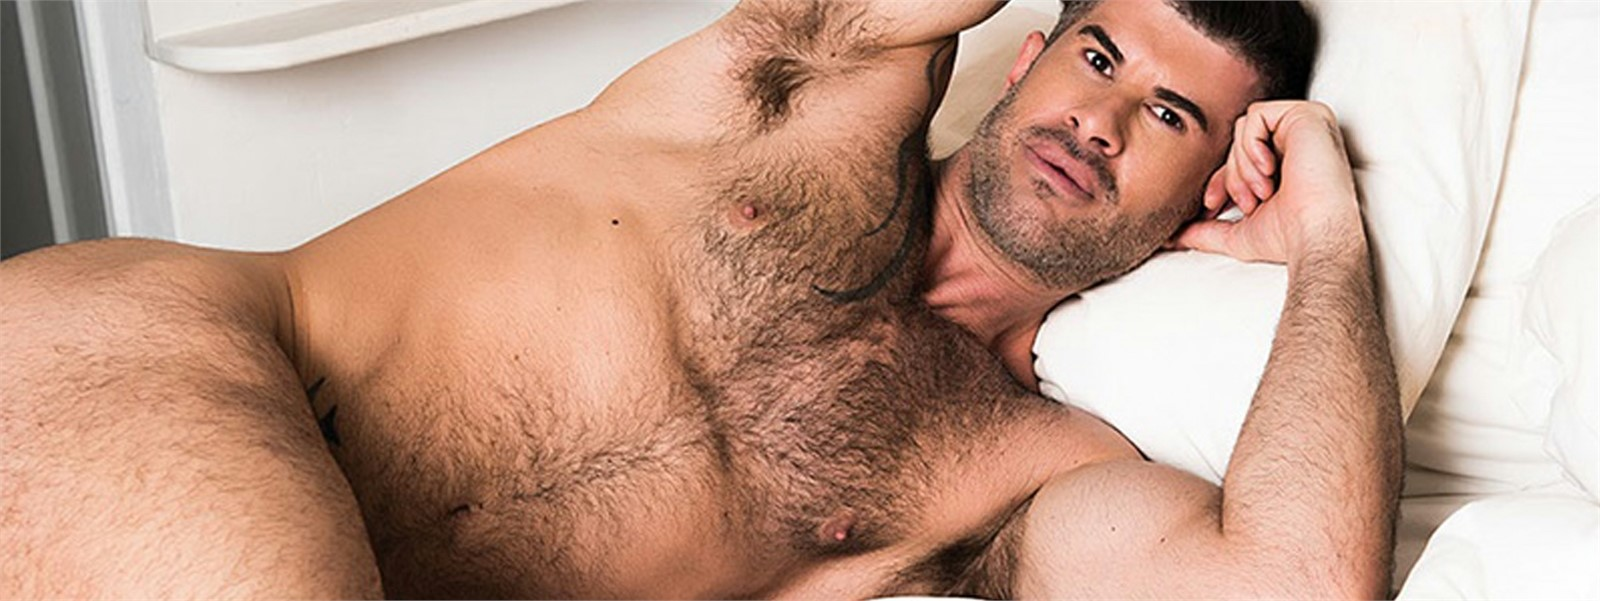 Adam Kilian Porn Movies adam killian gay filmography & porn movies @ gay dvd empire